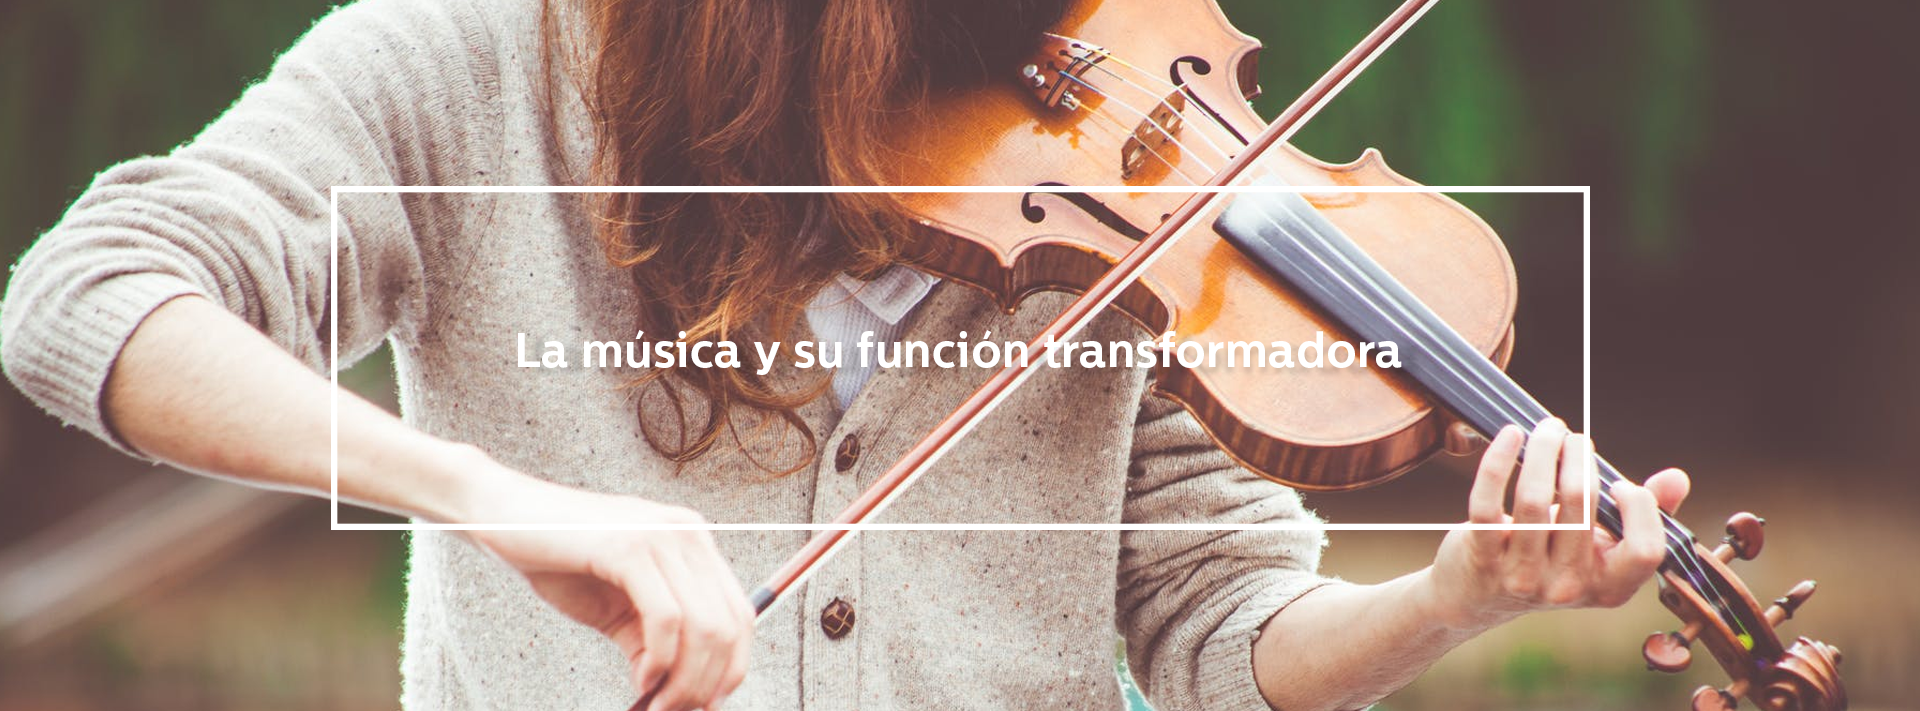 arte_musica_transformar_sociedad_NuevaAcropolis